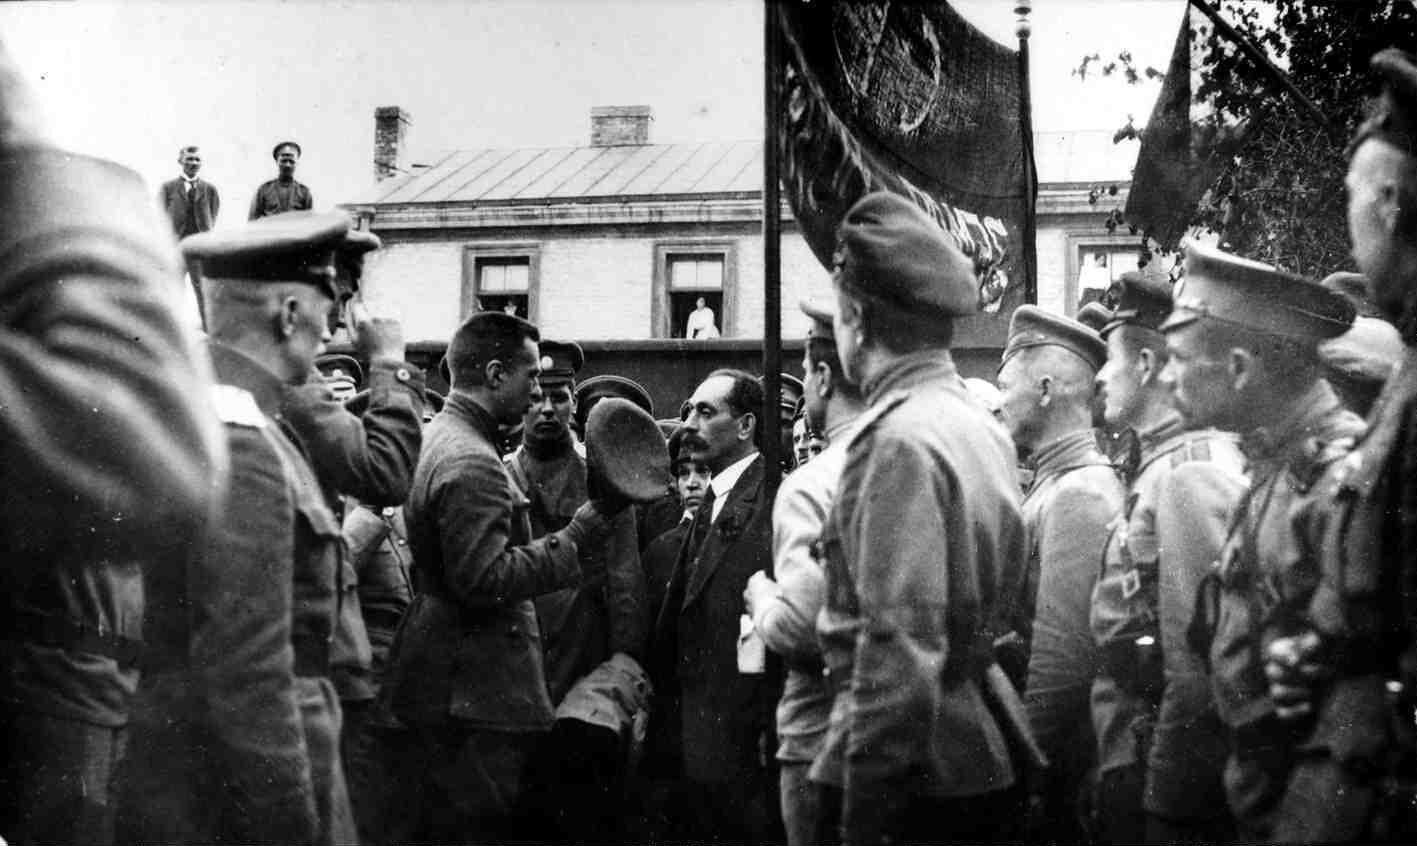 Май. Военный министр Временного правительства А. Ф. Керенский среди членов штаба Юго-Западного фронта